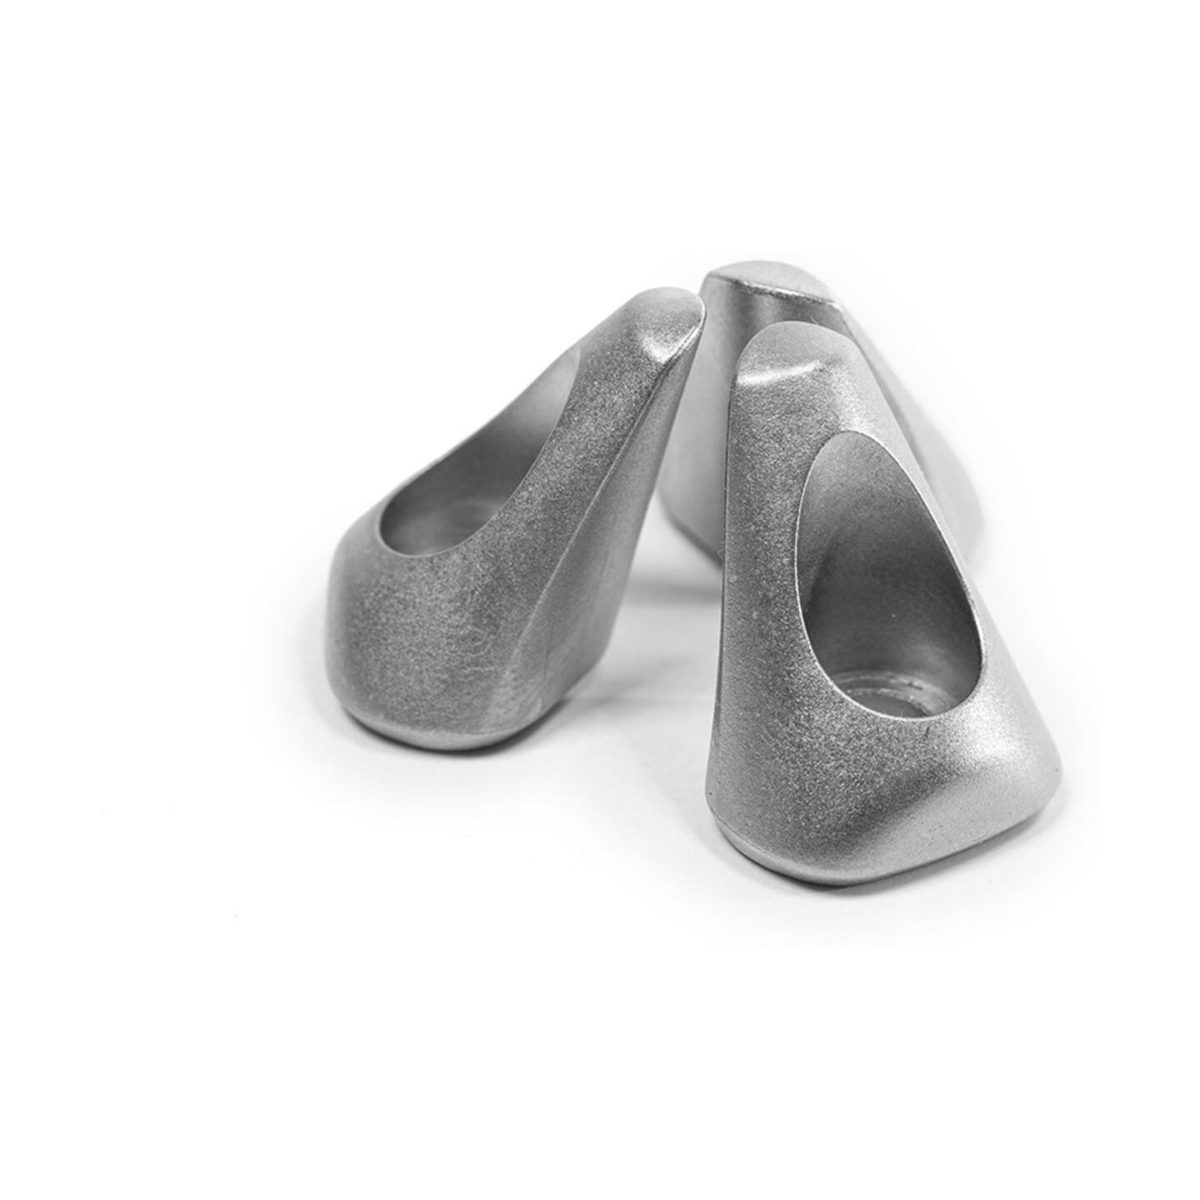 peak_design_spike_feet_set_03